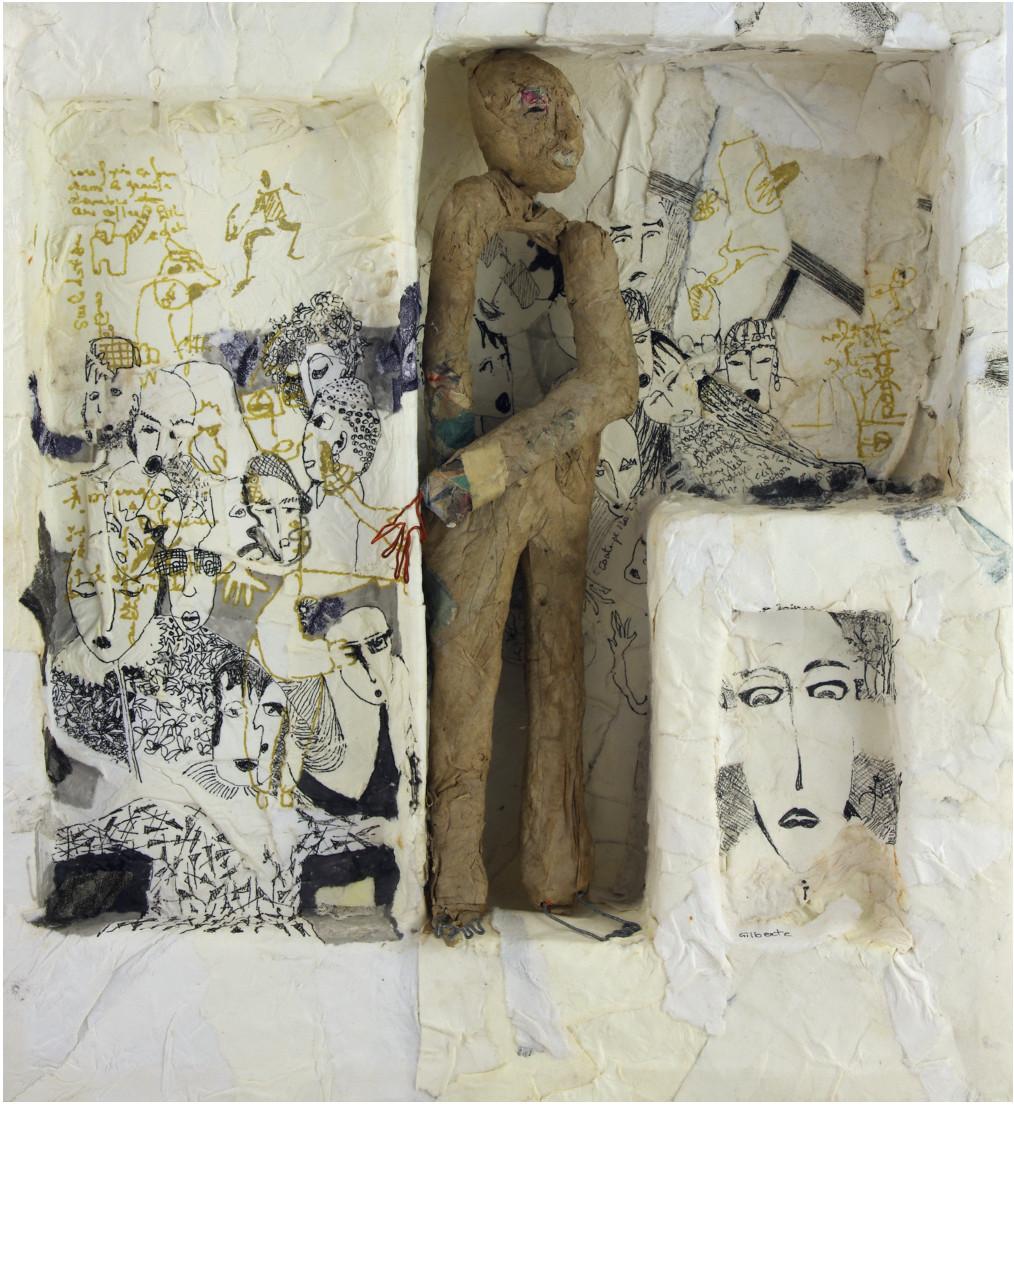 ANONYME, 2014 boîte papier mâché (29x31x5cm) - Inv. 00033 (+) DÉTAILS